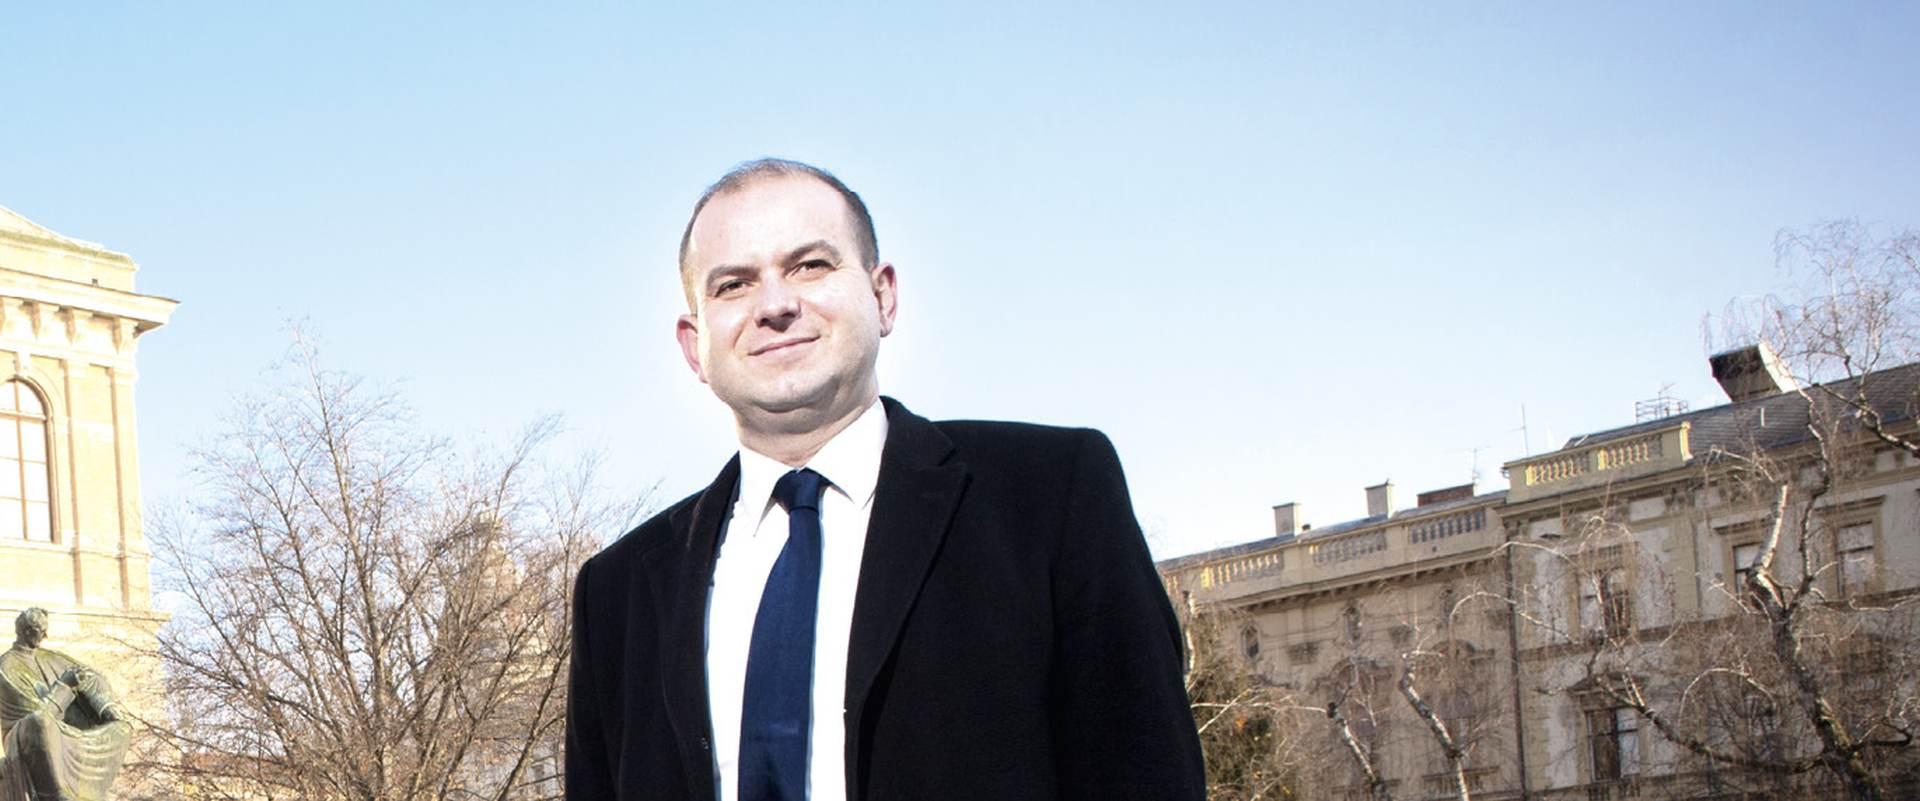 Miroslav Šimić: Pritisaka je bilo samo od koalicije Hrvatska raste